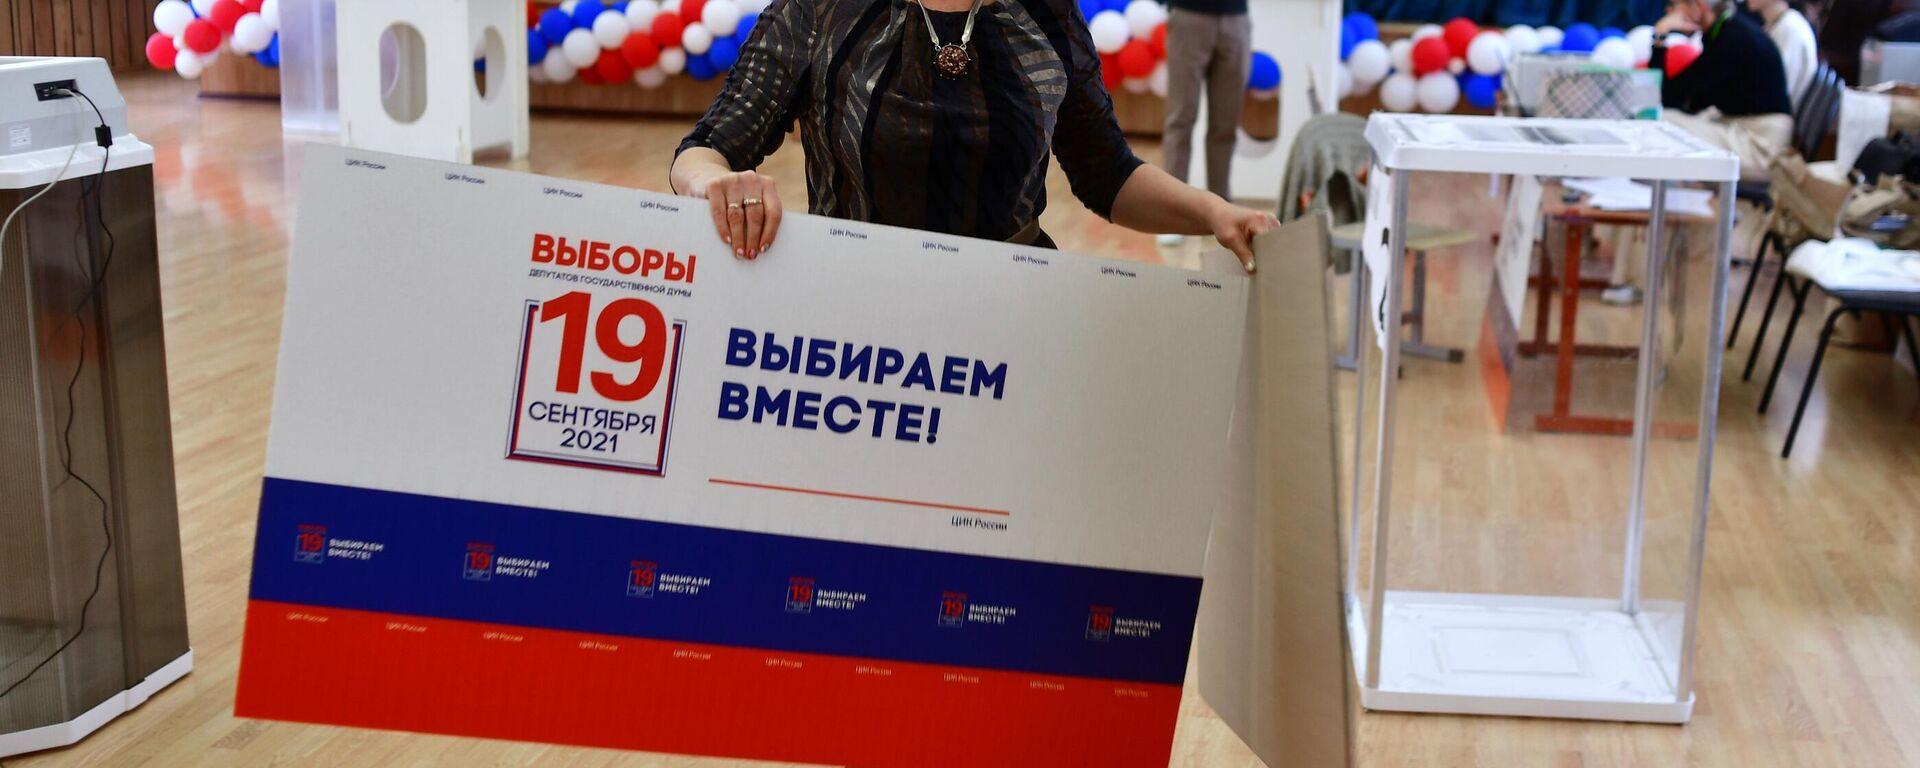 La preparación para las elecciones parlamentarias en Rusia - Sputnik Mundo, 1920, 16.09.2021